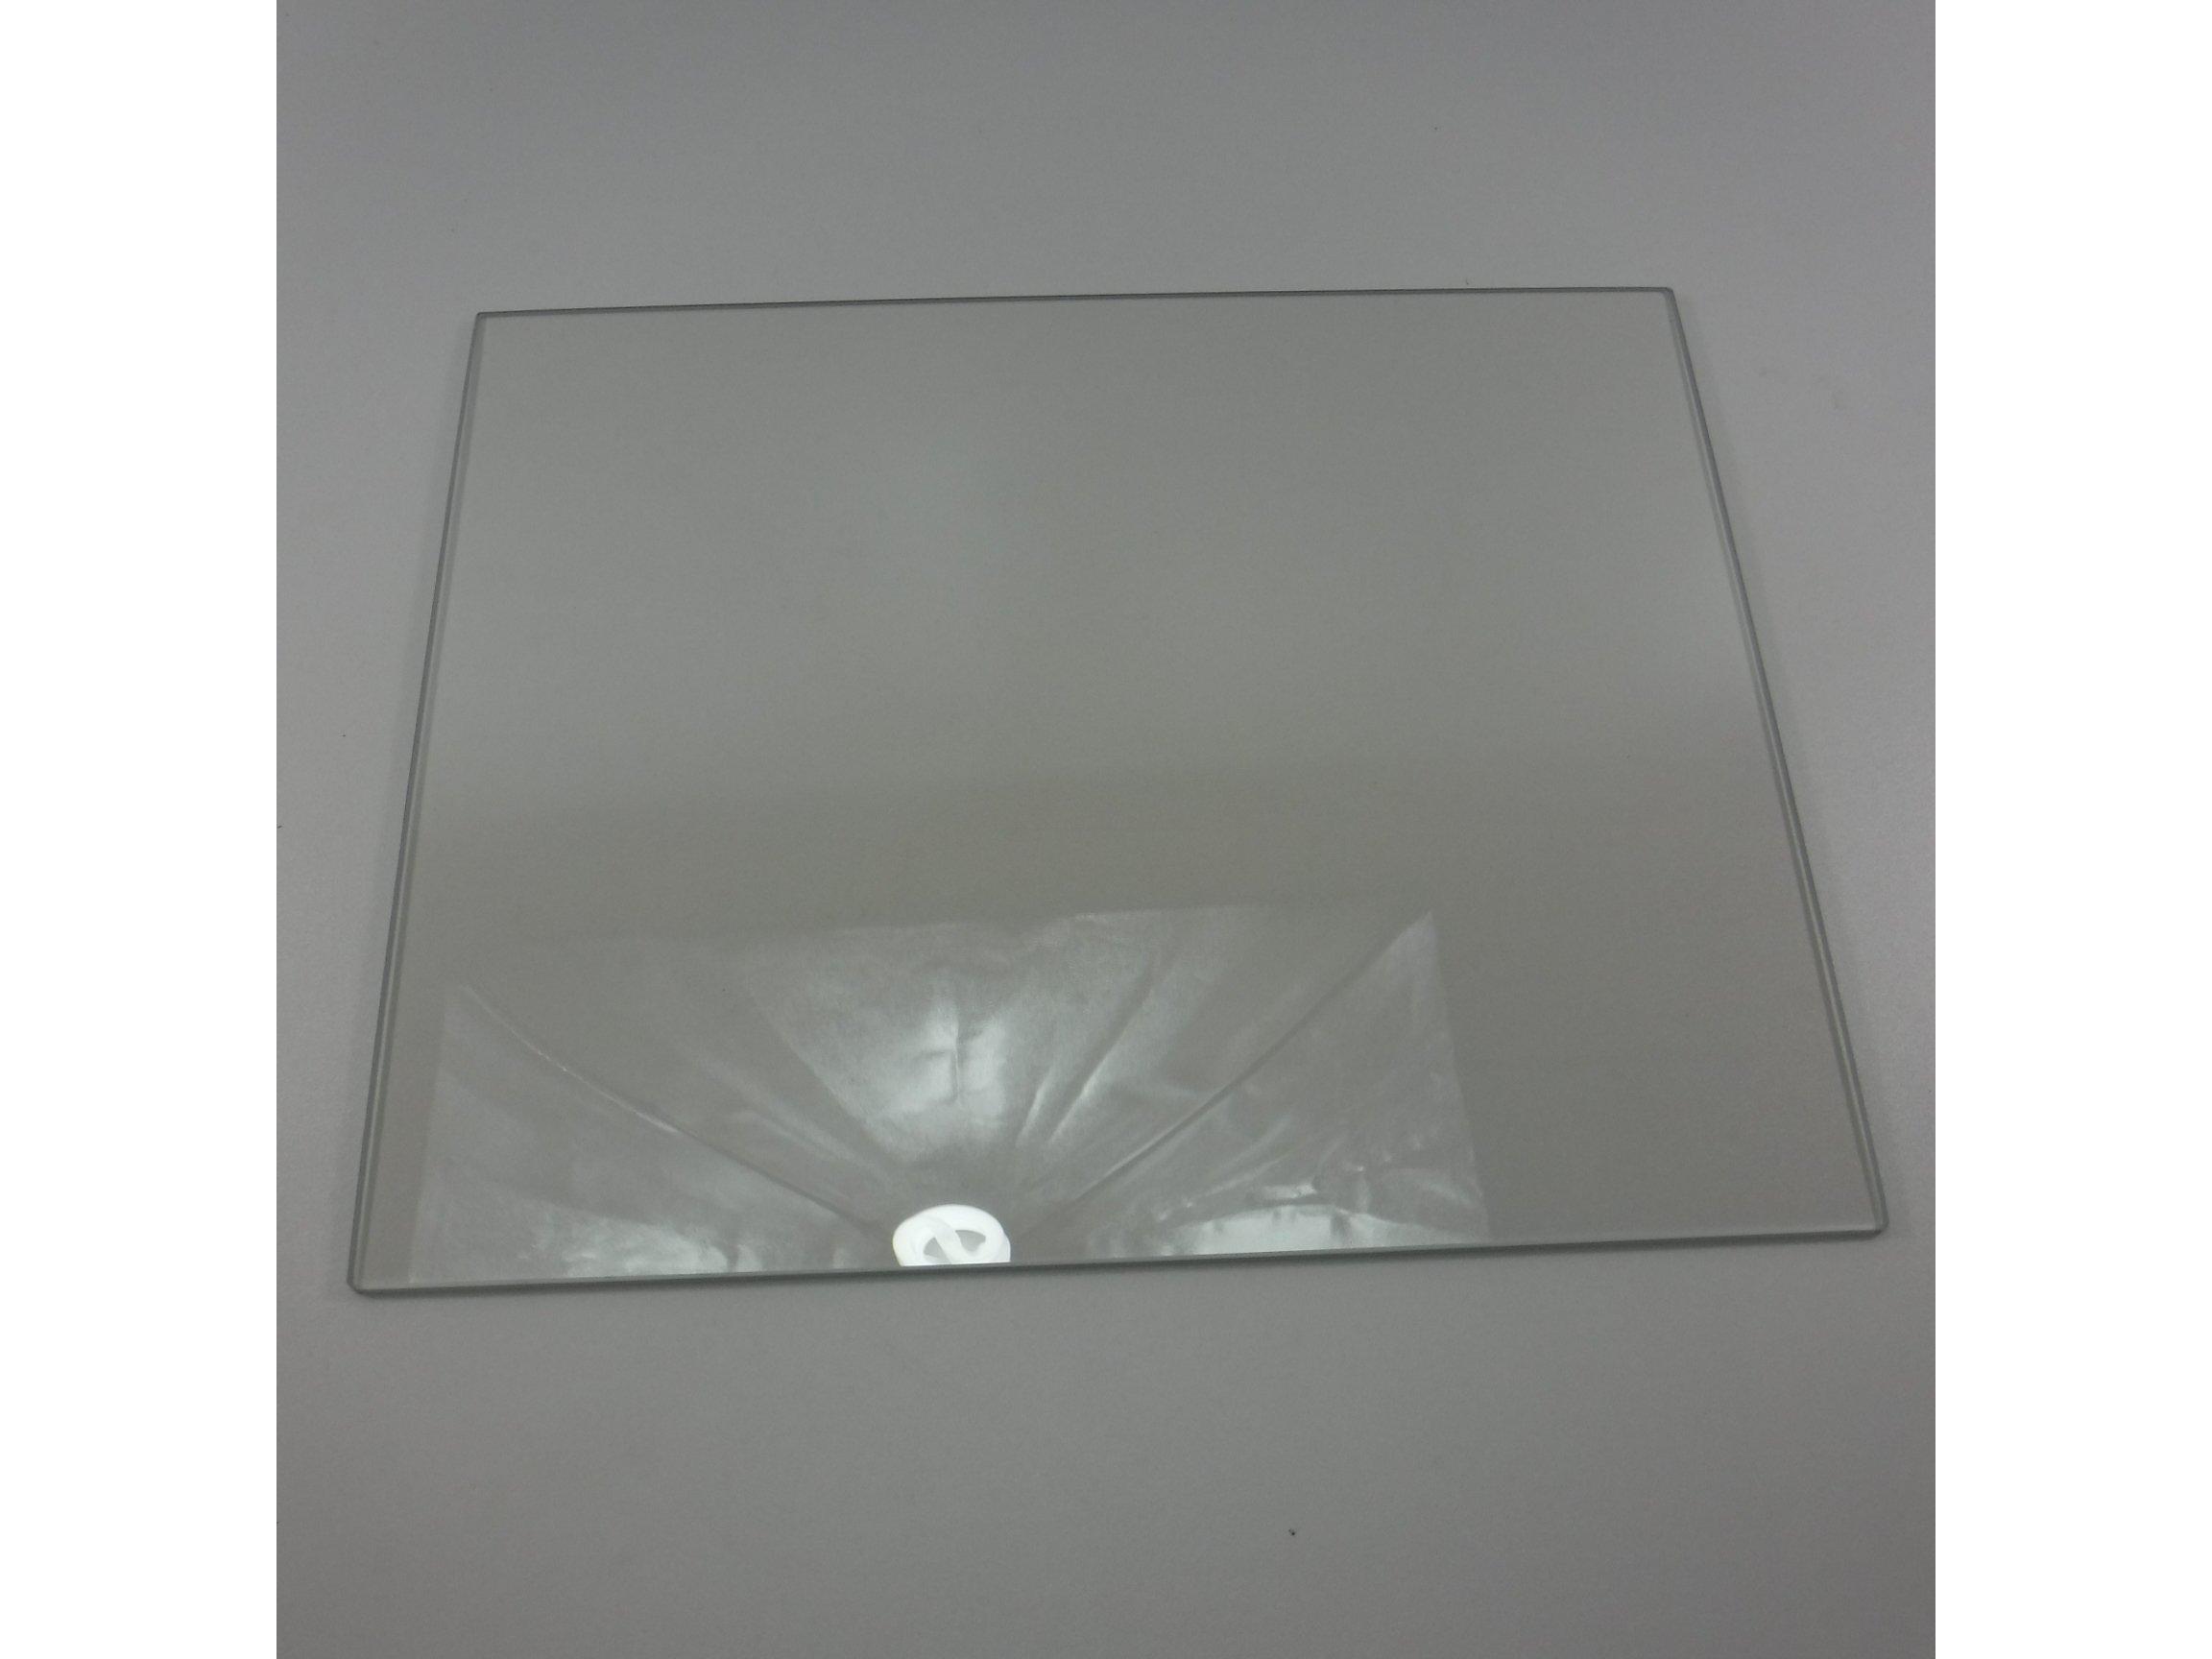 Thetford Cooker Oven Door Glass Inner Main Oven Sspa0253